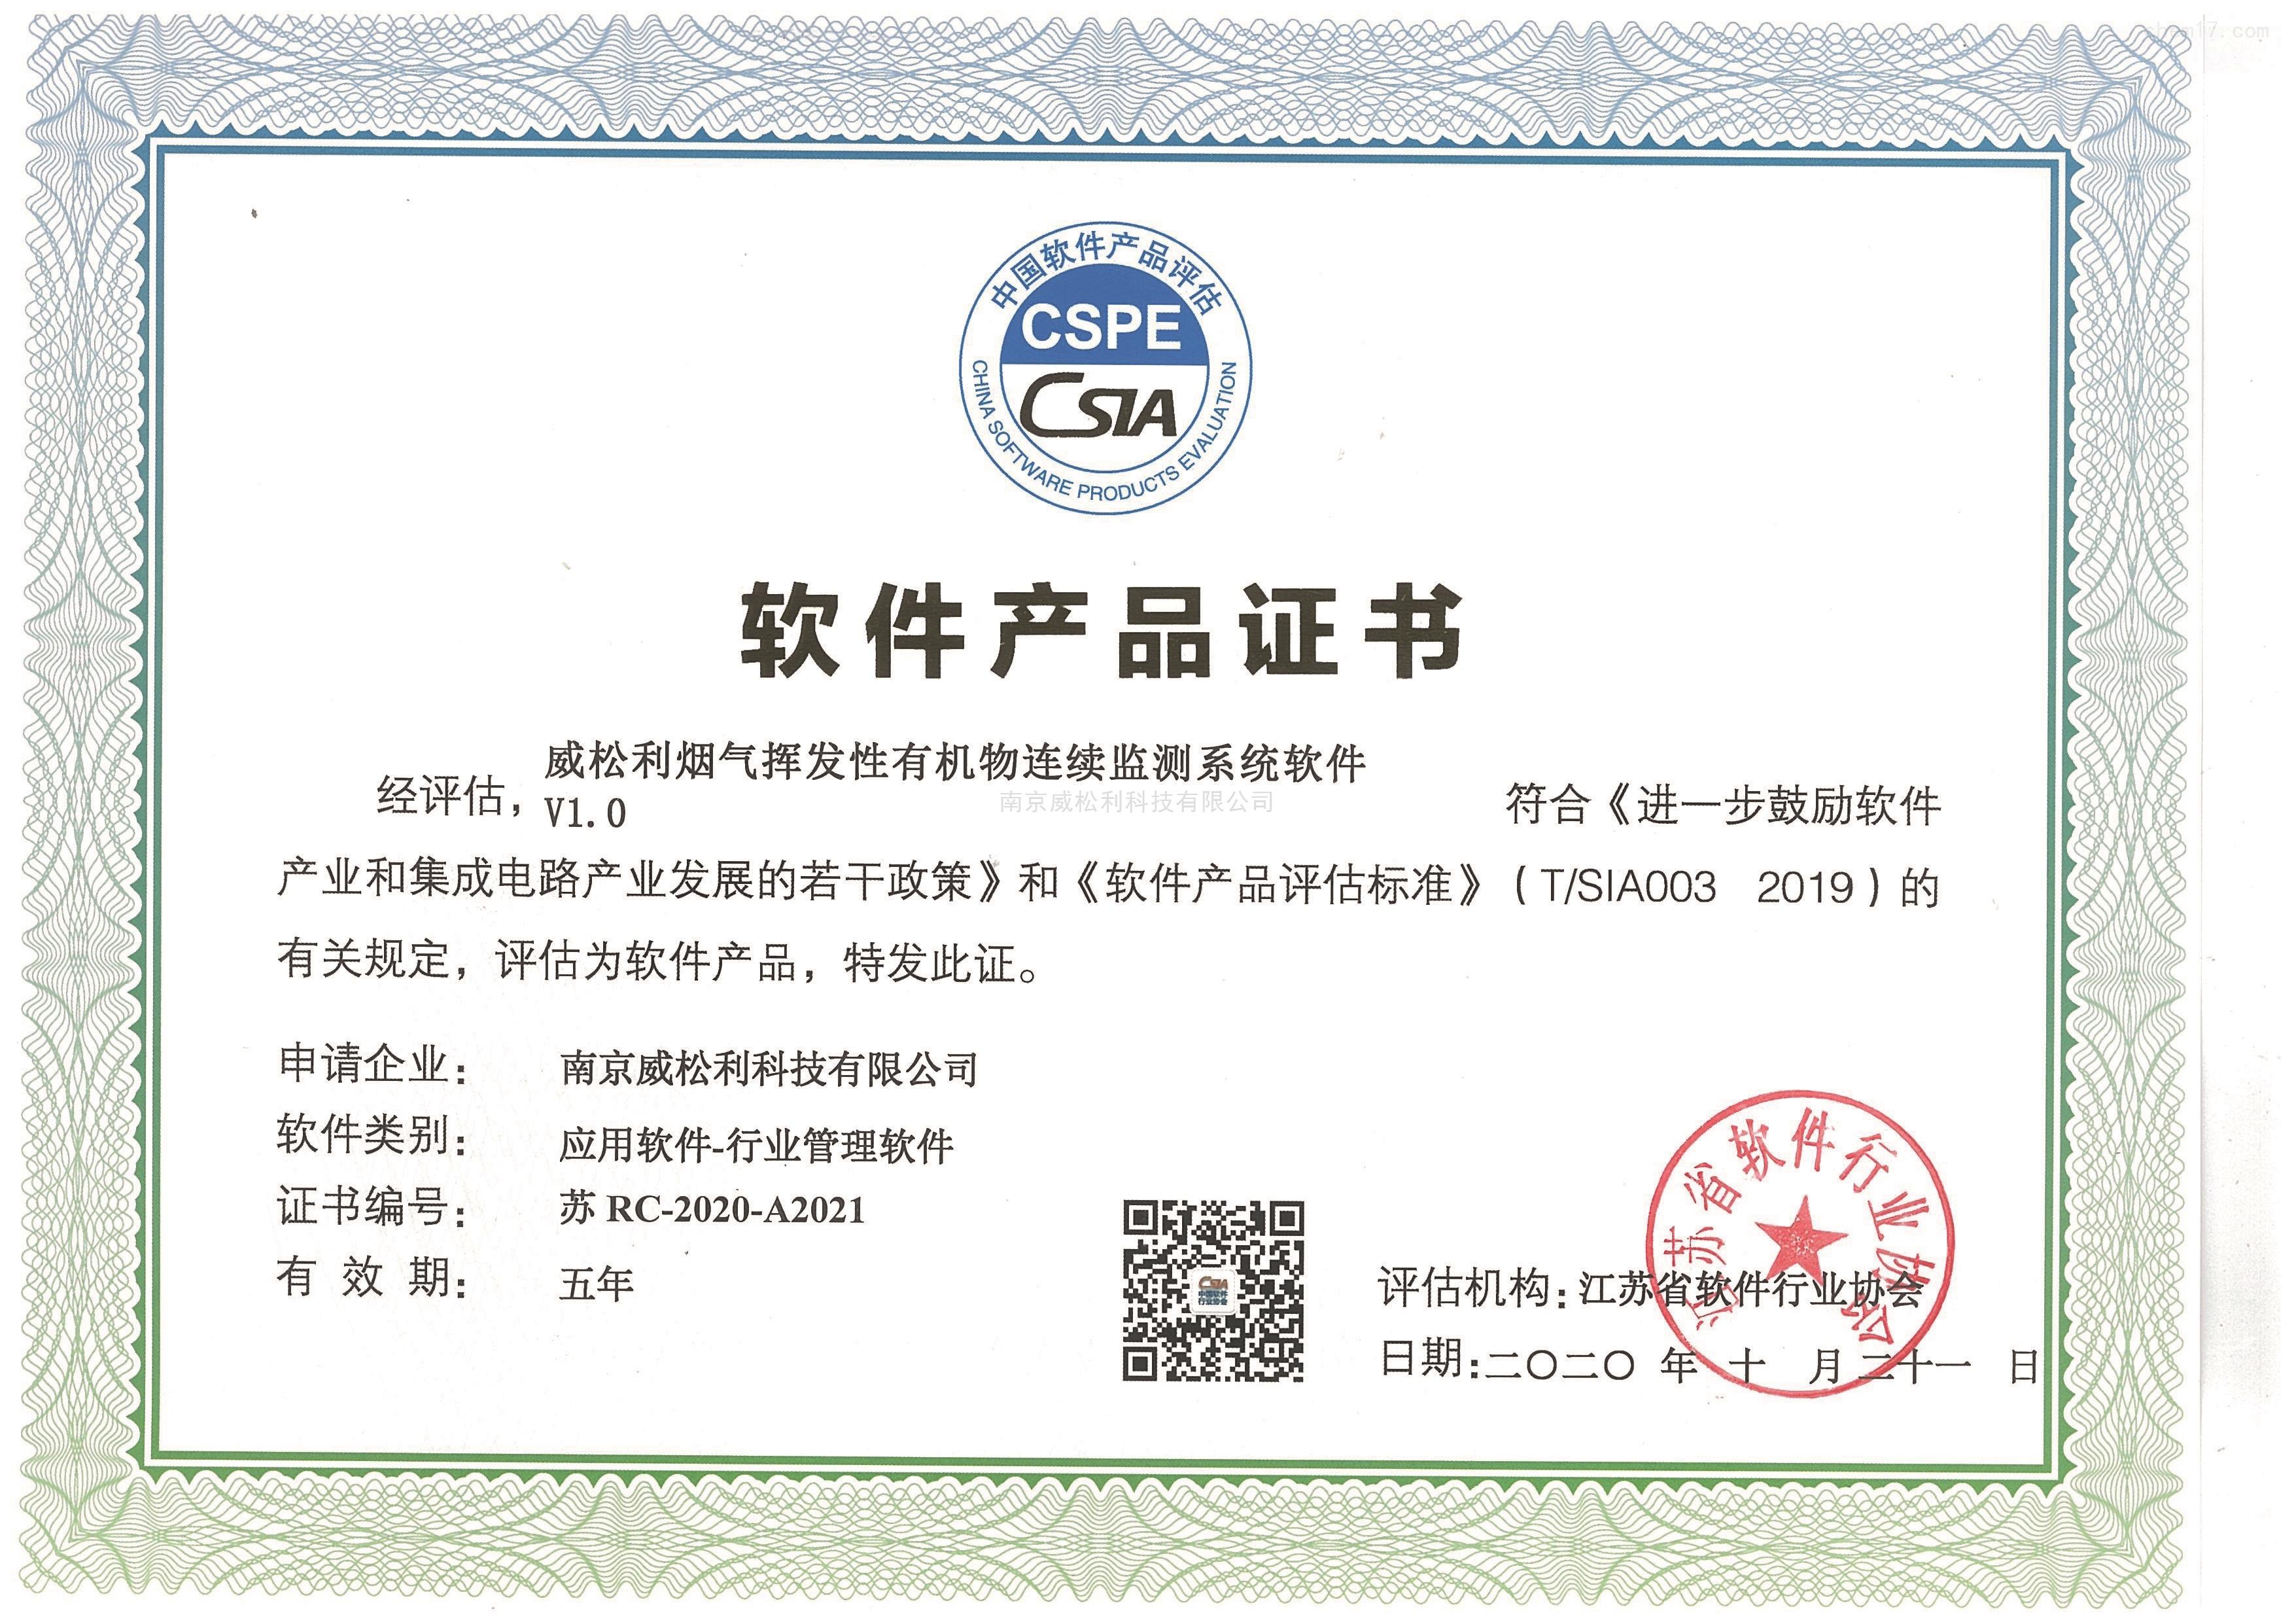 软件产品证书2